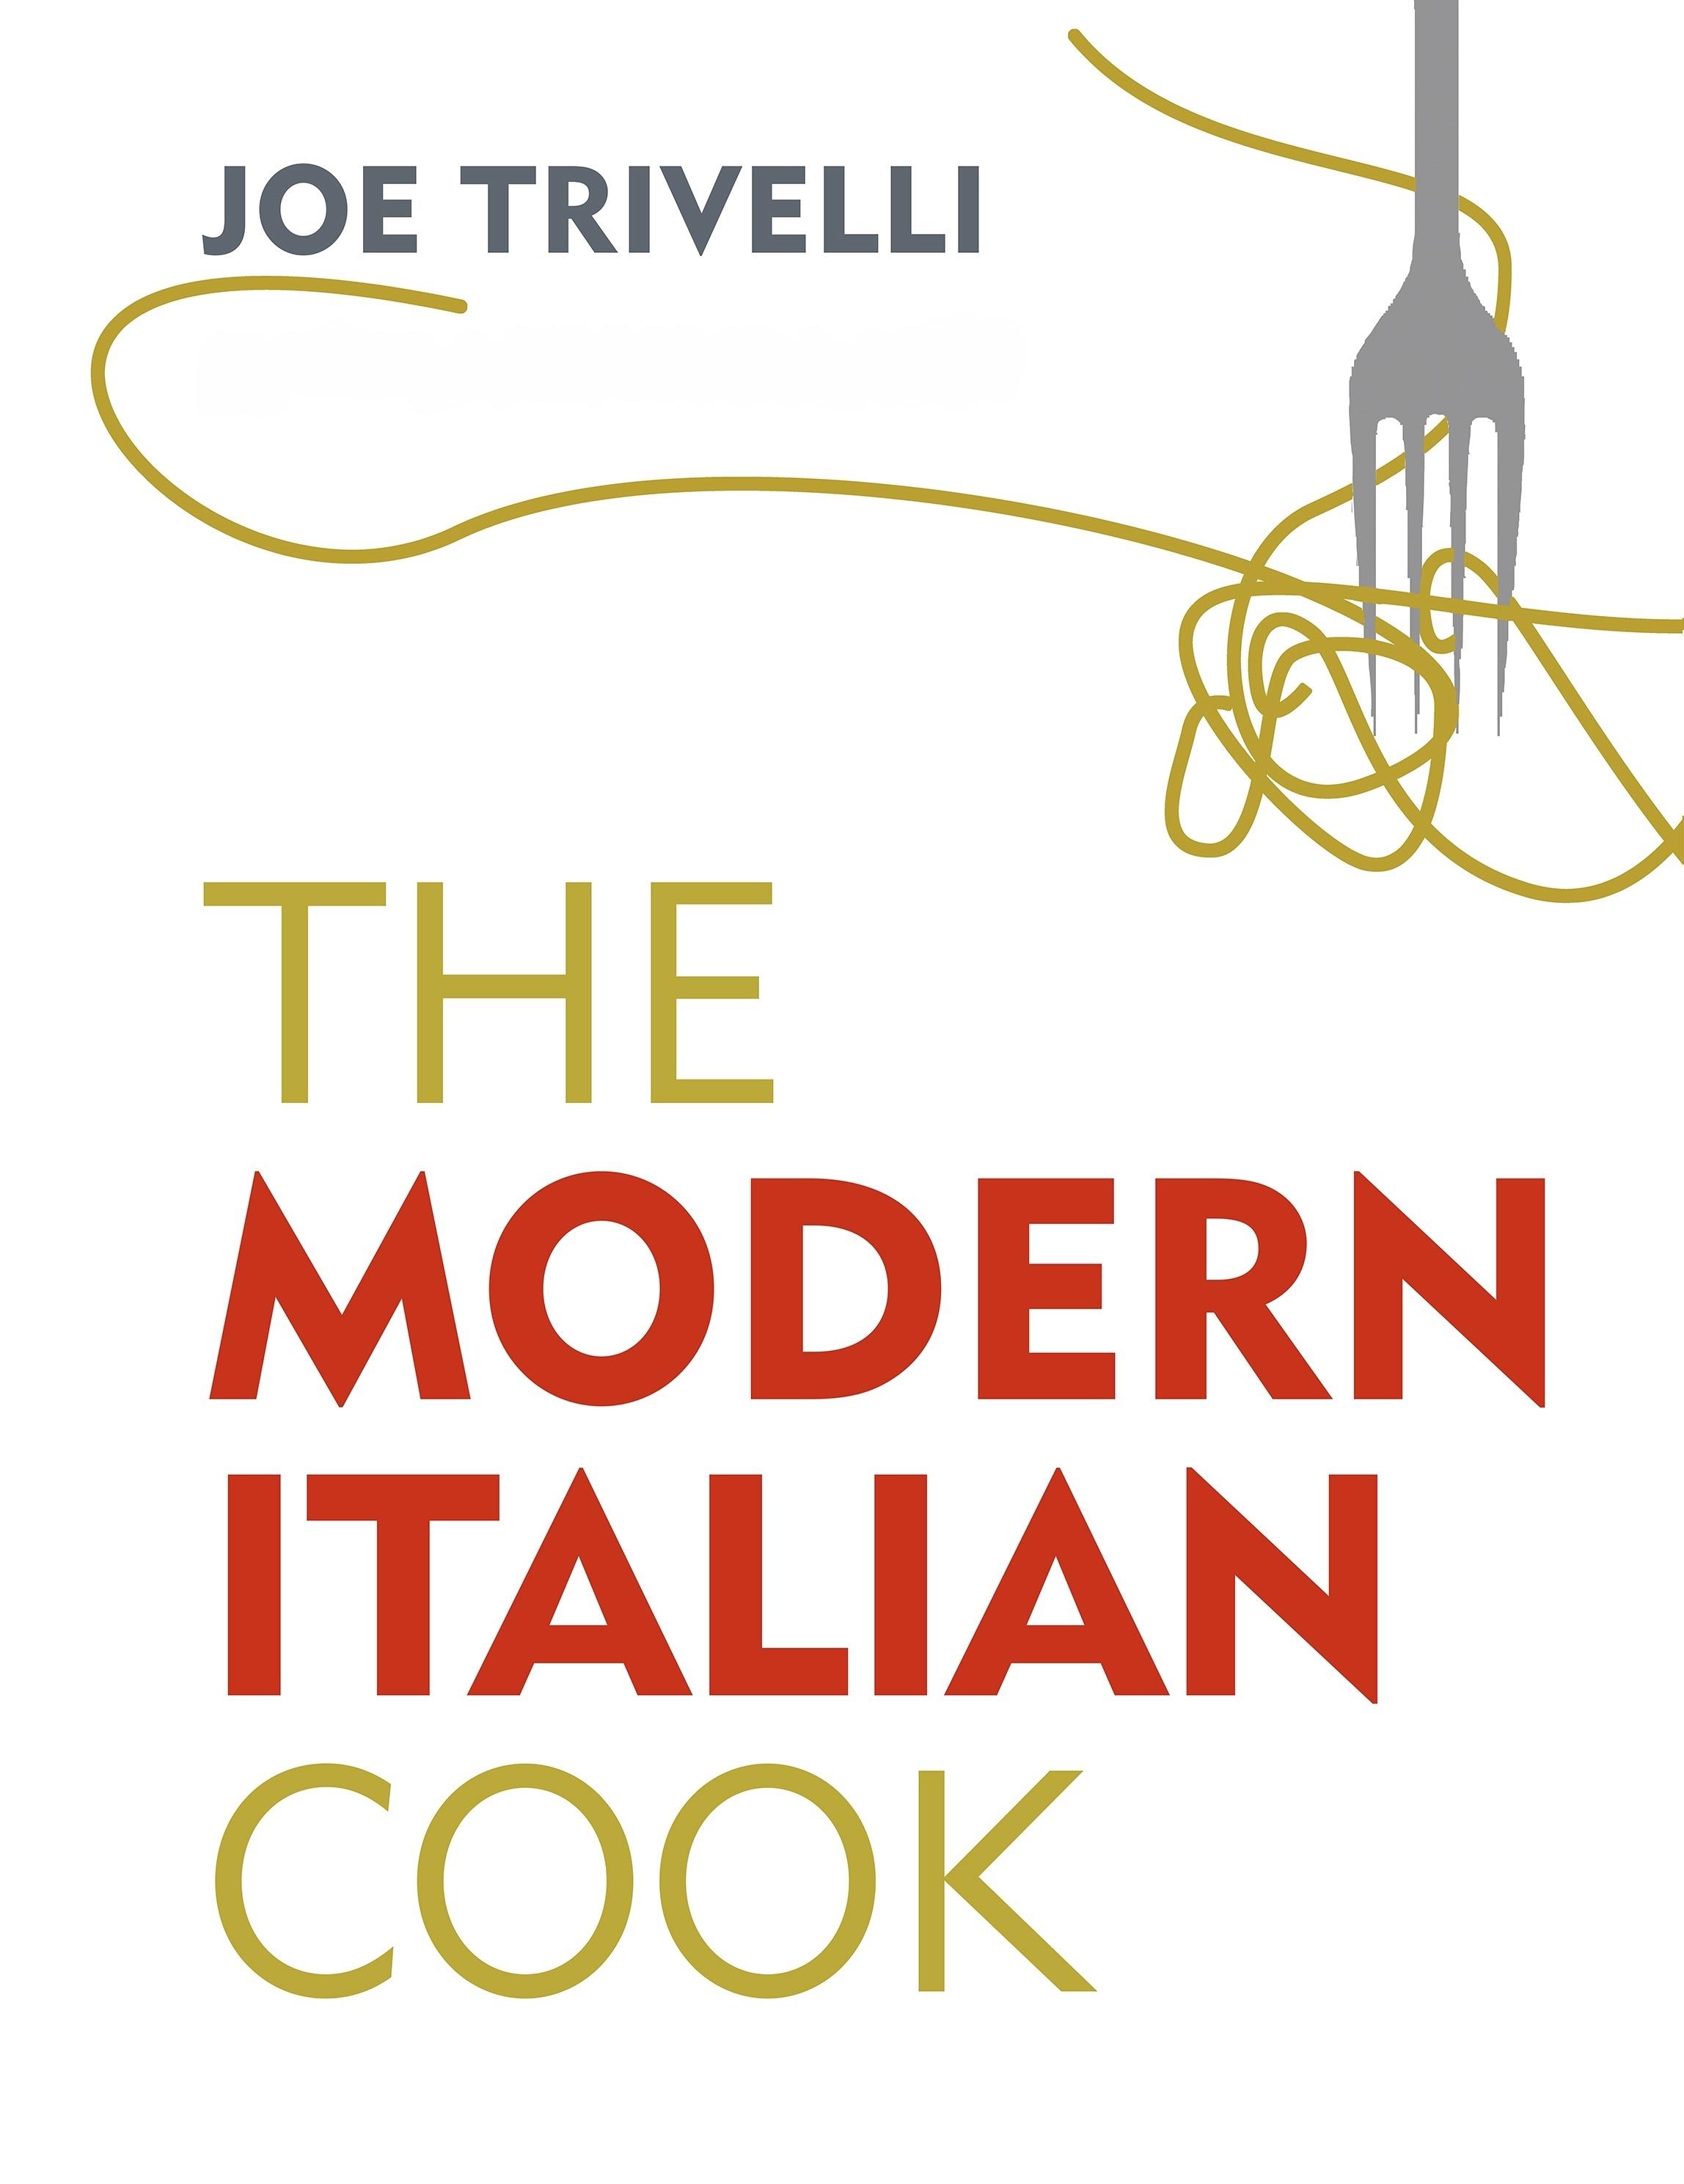 Modern Italian Cook cover.jpg